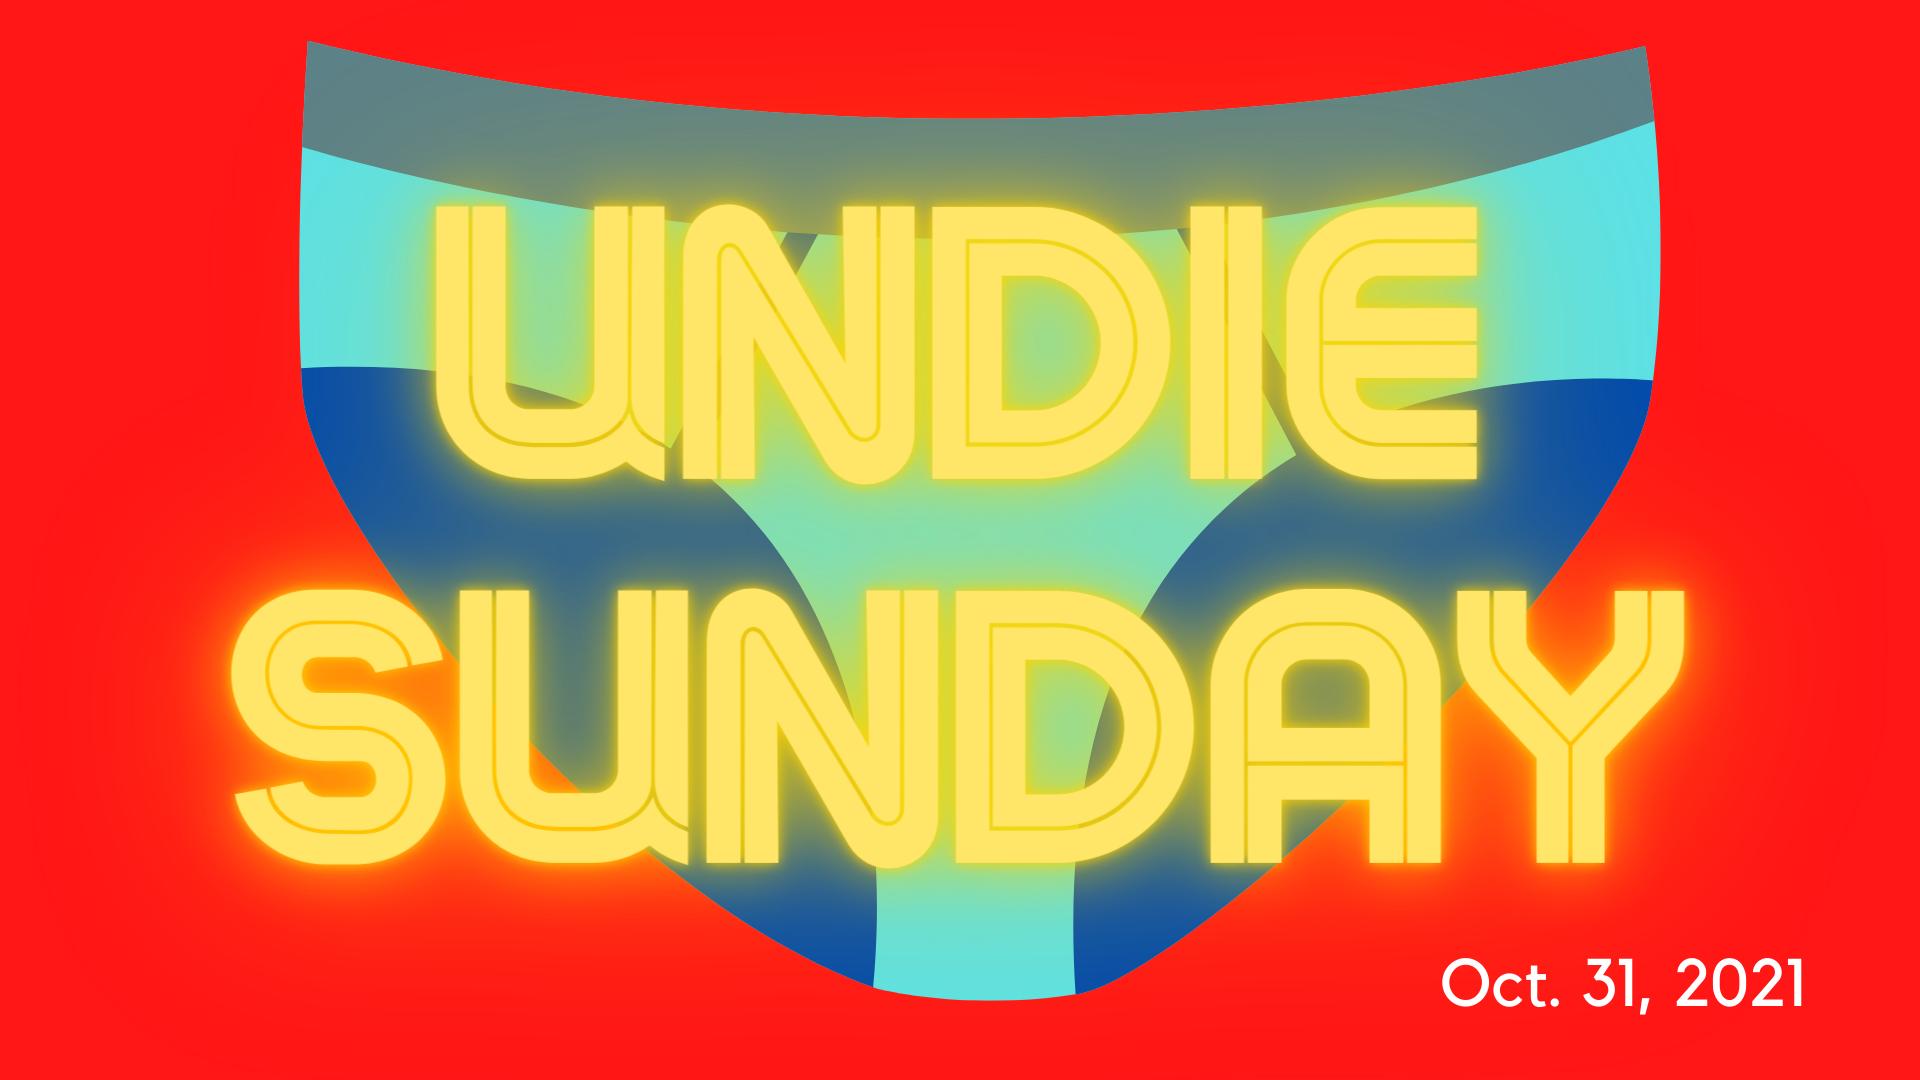 Undie Sunday!